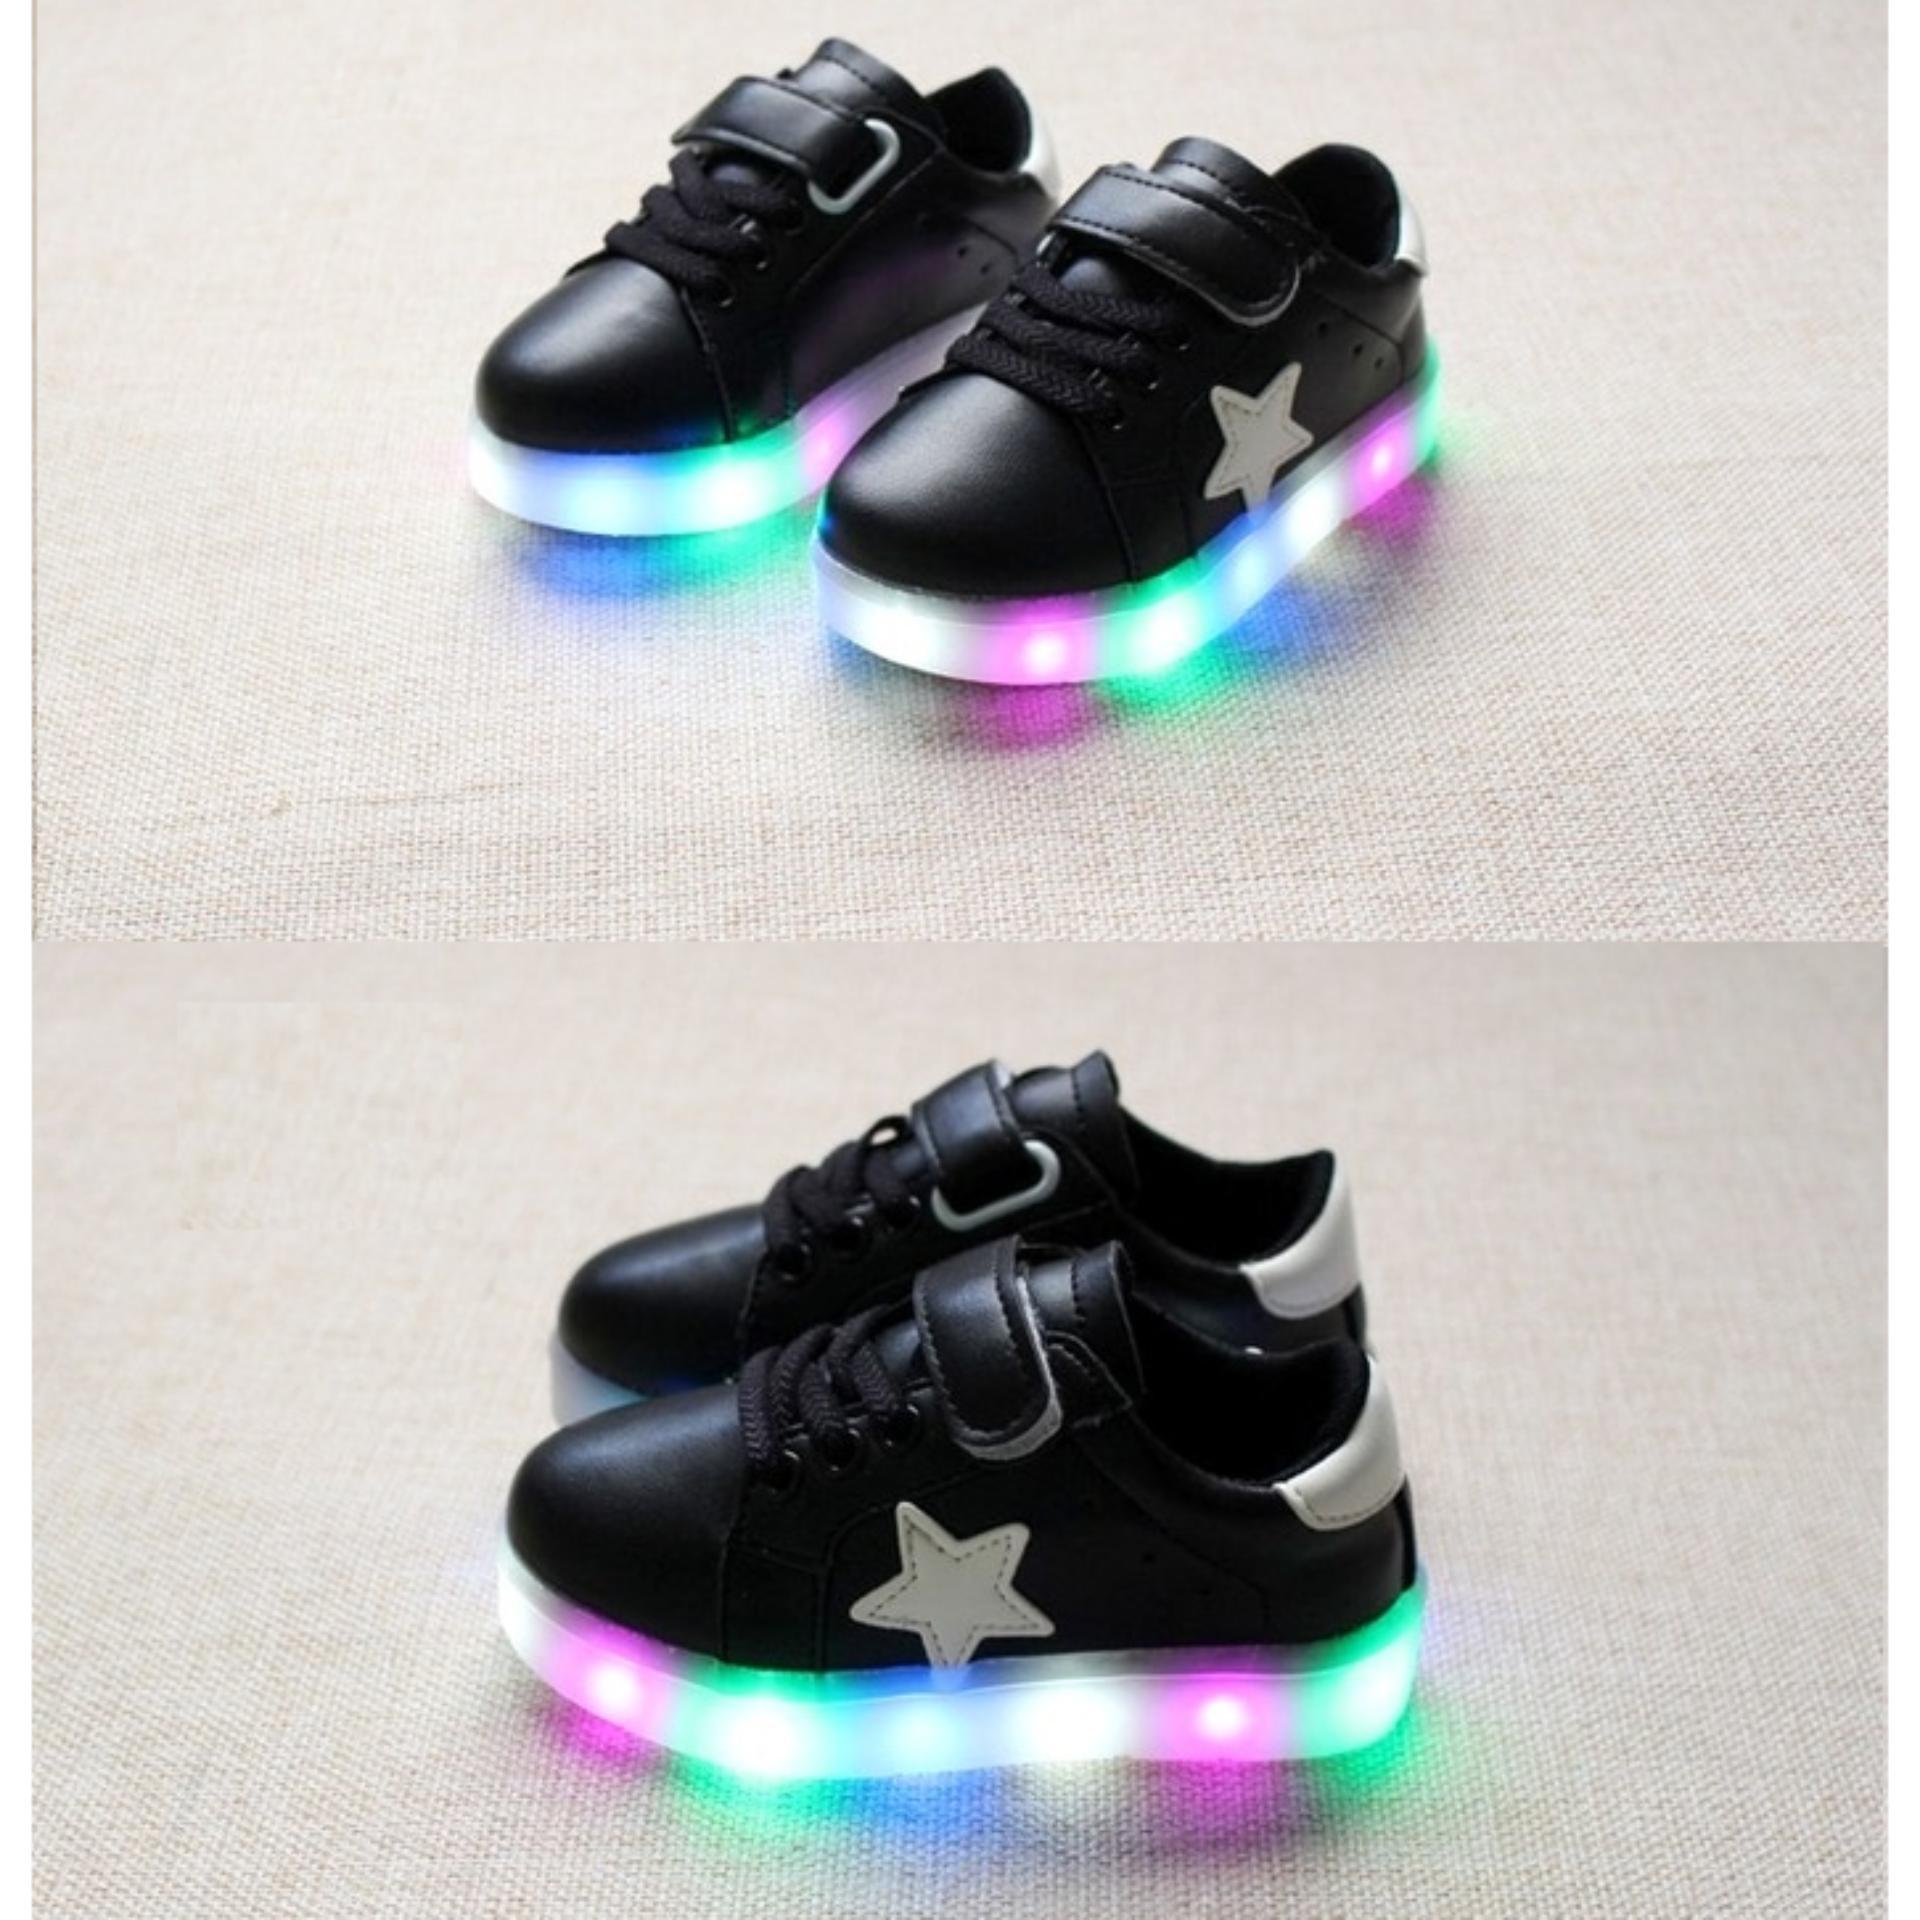 Bandingkan Toko HITAM Sepatu Anak LED Nyala Lampu Sekolah Main Casual Sneaker Olahraga Jalan Sepatu Anak